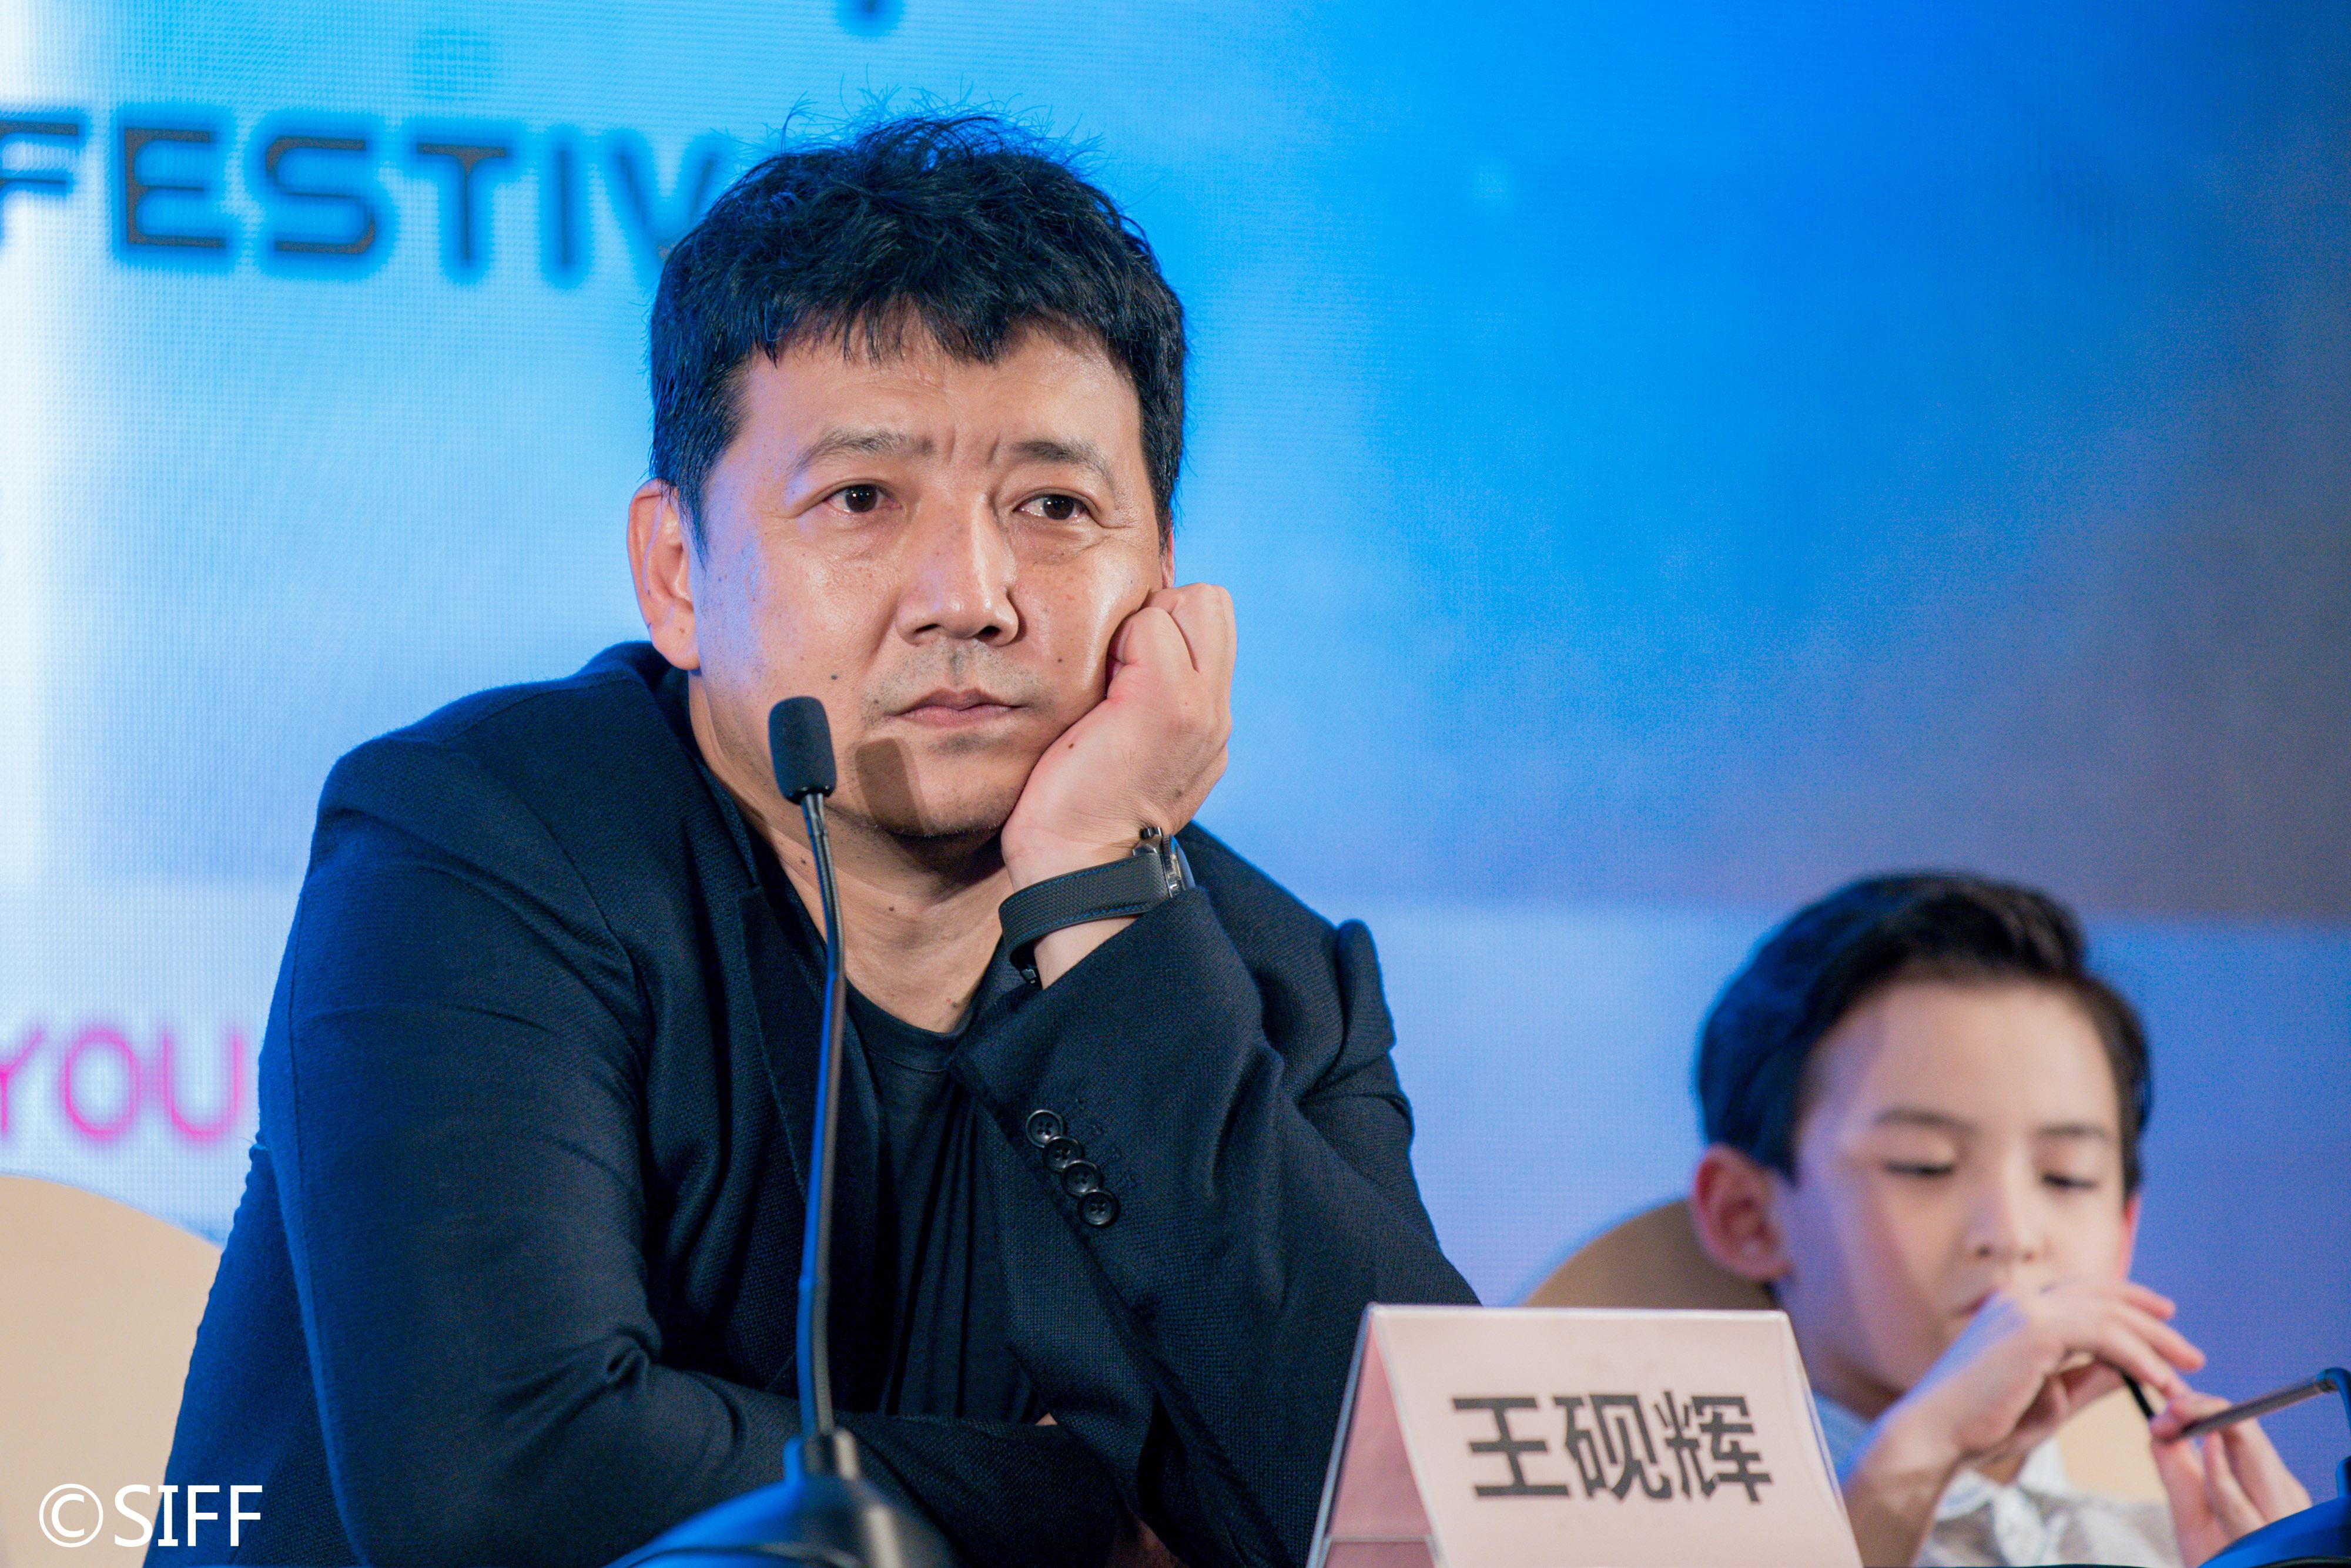 7月29日,中国上海,2020上海国际電影节,王砚辉出席電影《落地生》公布会。